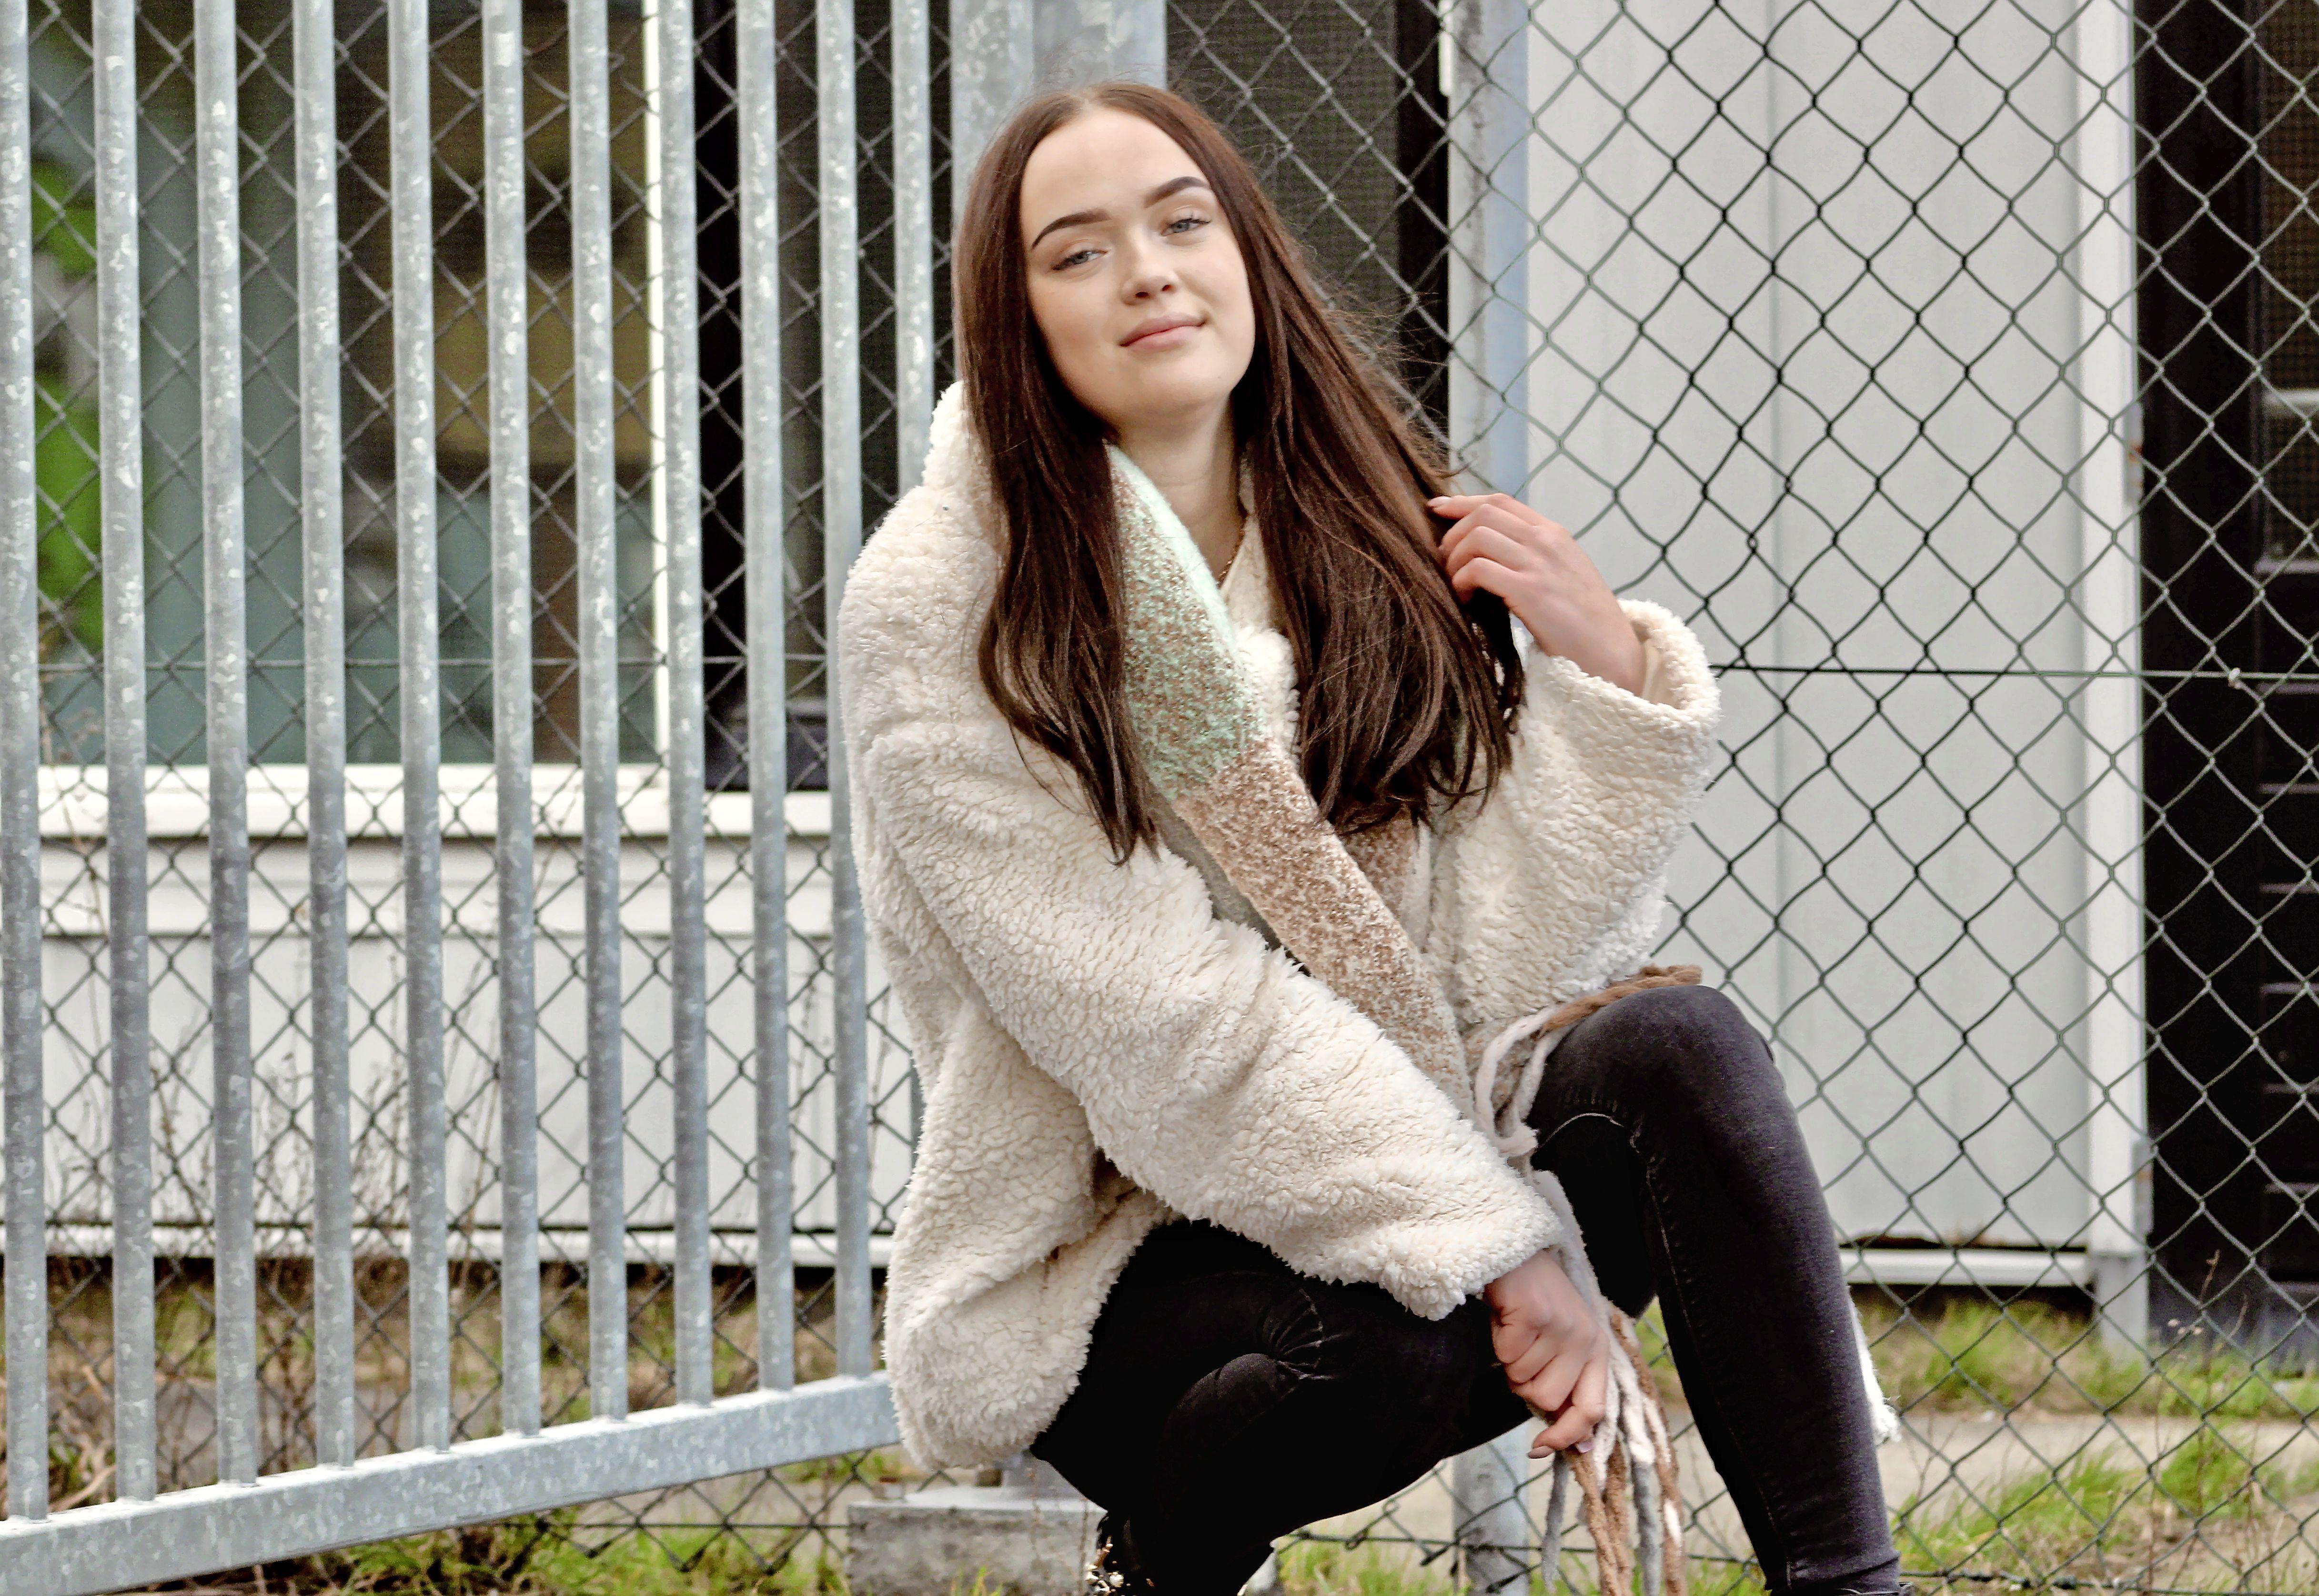 Singer-songwriter Britt van Coezand wil mensen raken met haar Nederlandse liedjes. 'Zonder jou' gaat over dat je iemand erg mist en nog van diegene houdt, maar het beter is om niet met die persoon samen te zijn' [video]